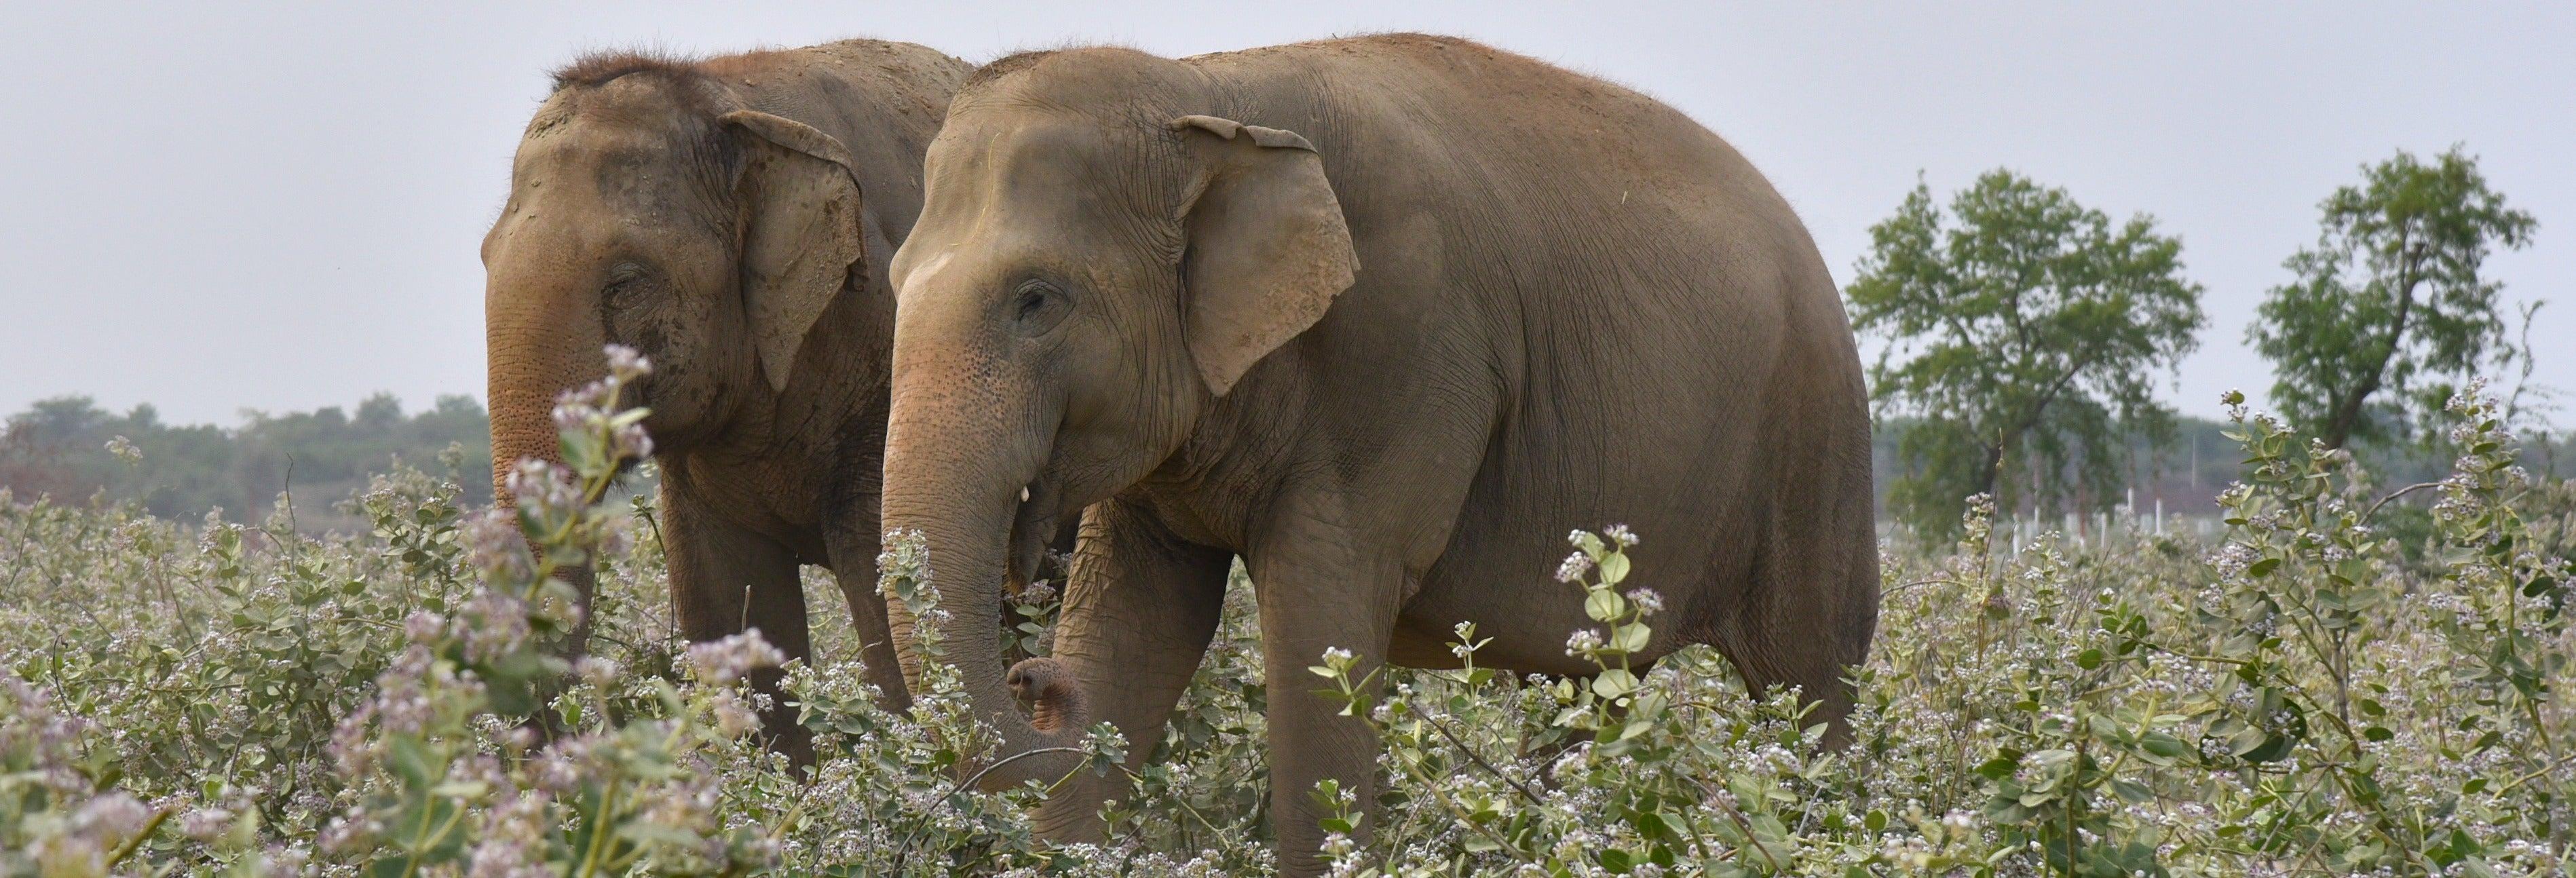 Excursión al Centro de Conservación y Cuidado de Elefantes